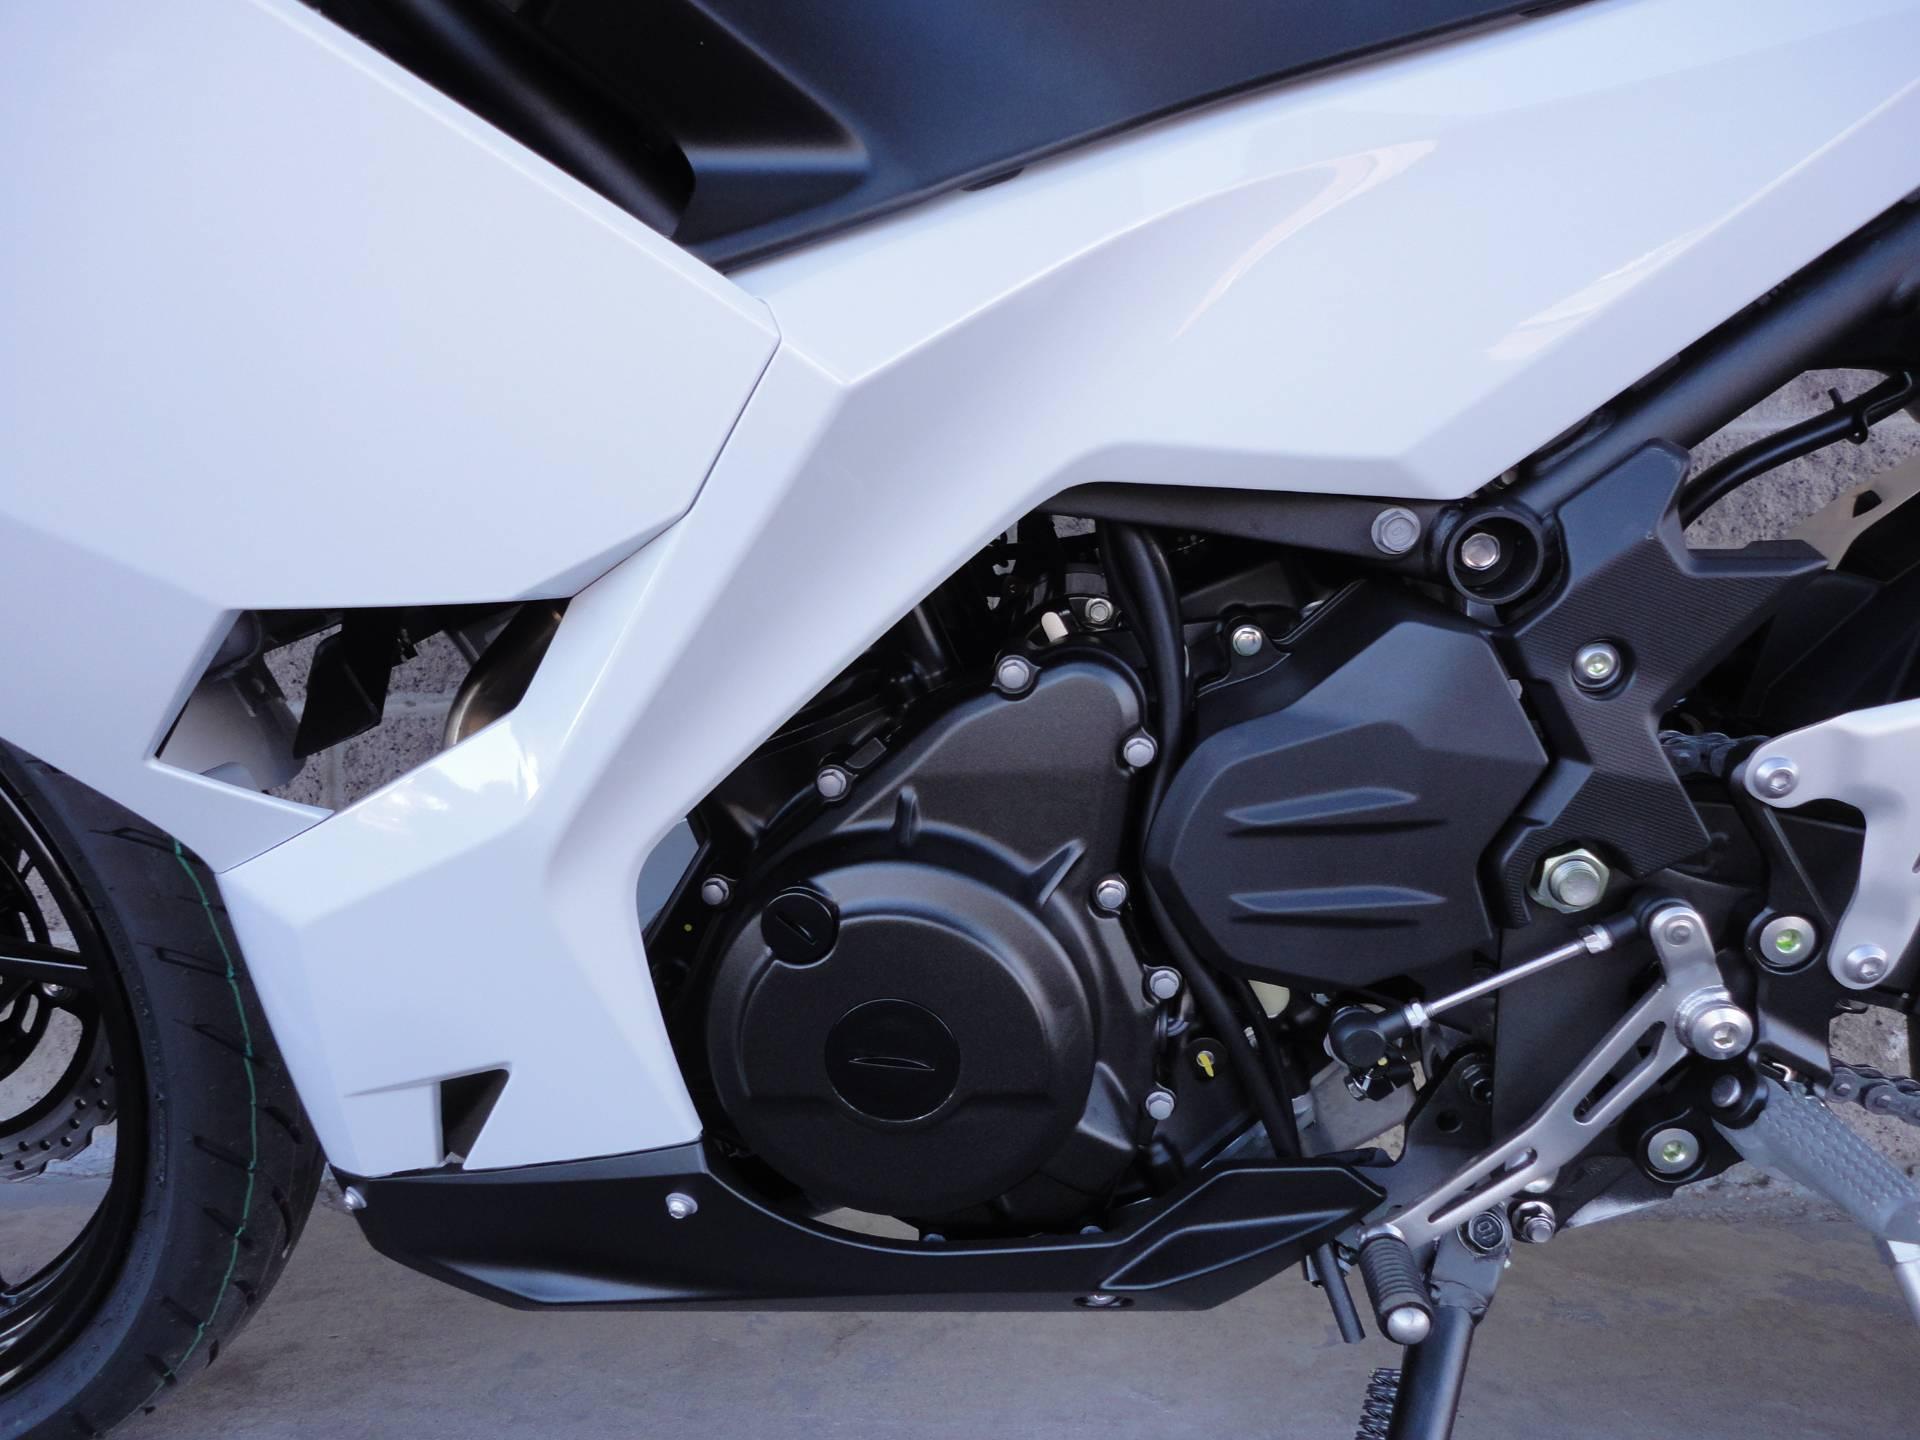 2020 Kawasaki Ninja 400 ABS 5